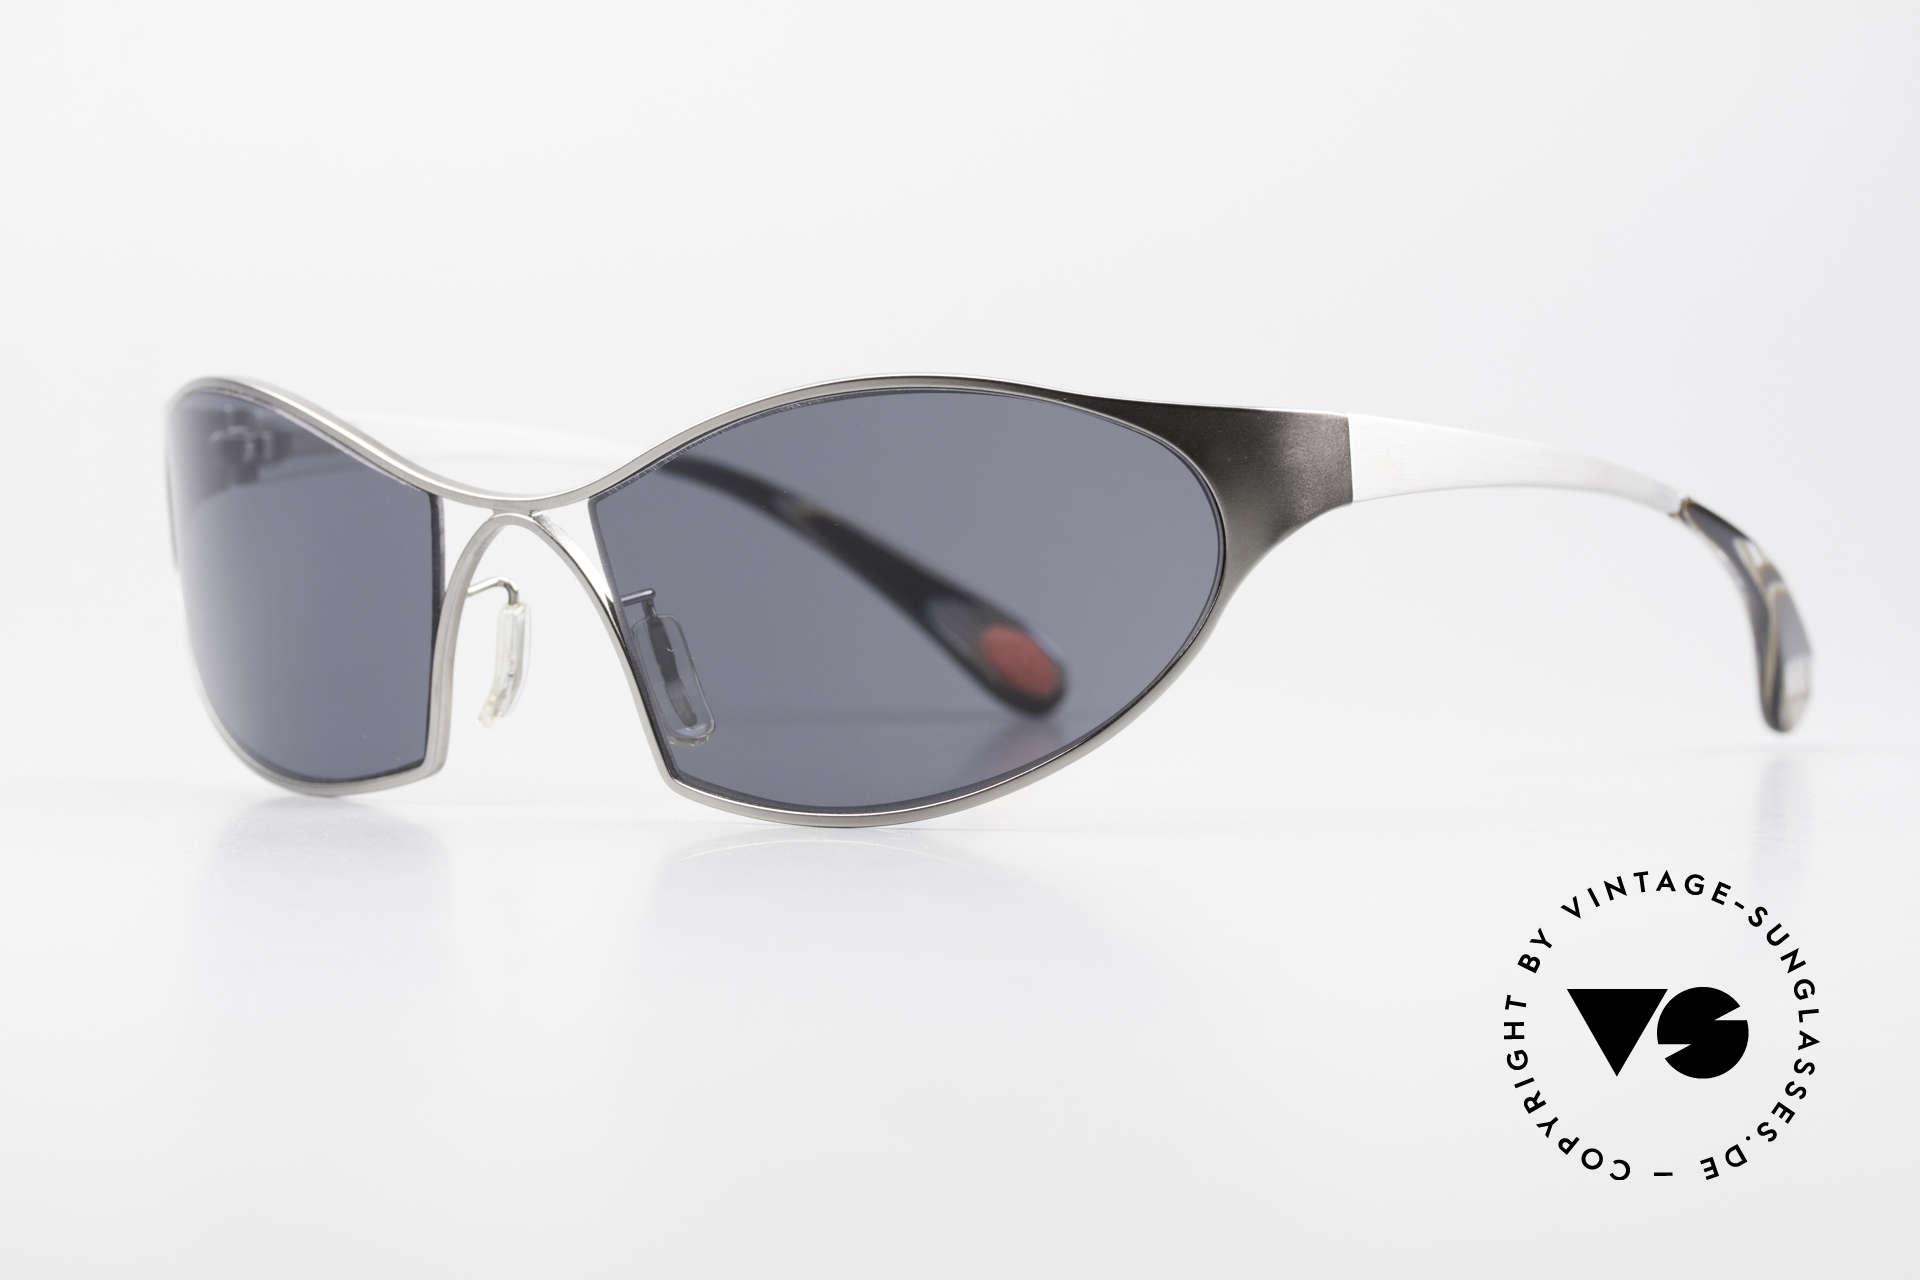 Bugatti 368 Odotype Sportliche Herren Sonnenbrille, ergonomischer Rahmen mit Federscharnieren, Passend für Herren